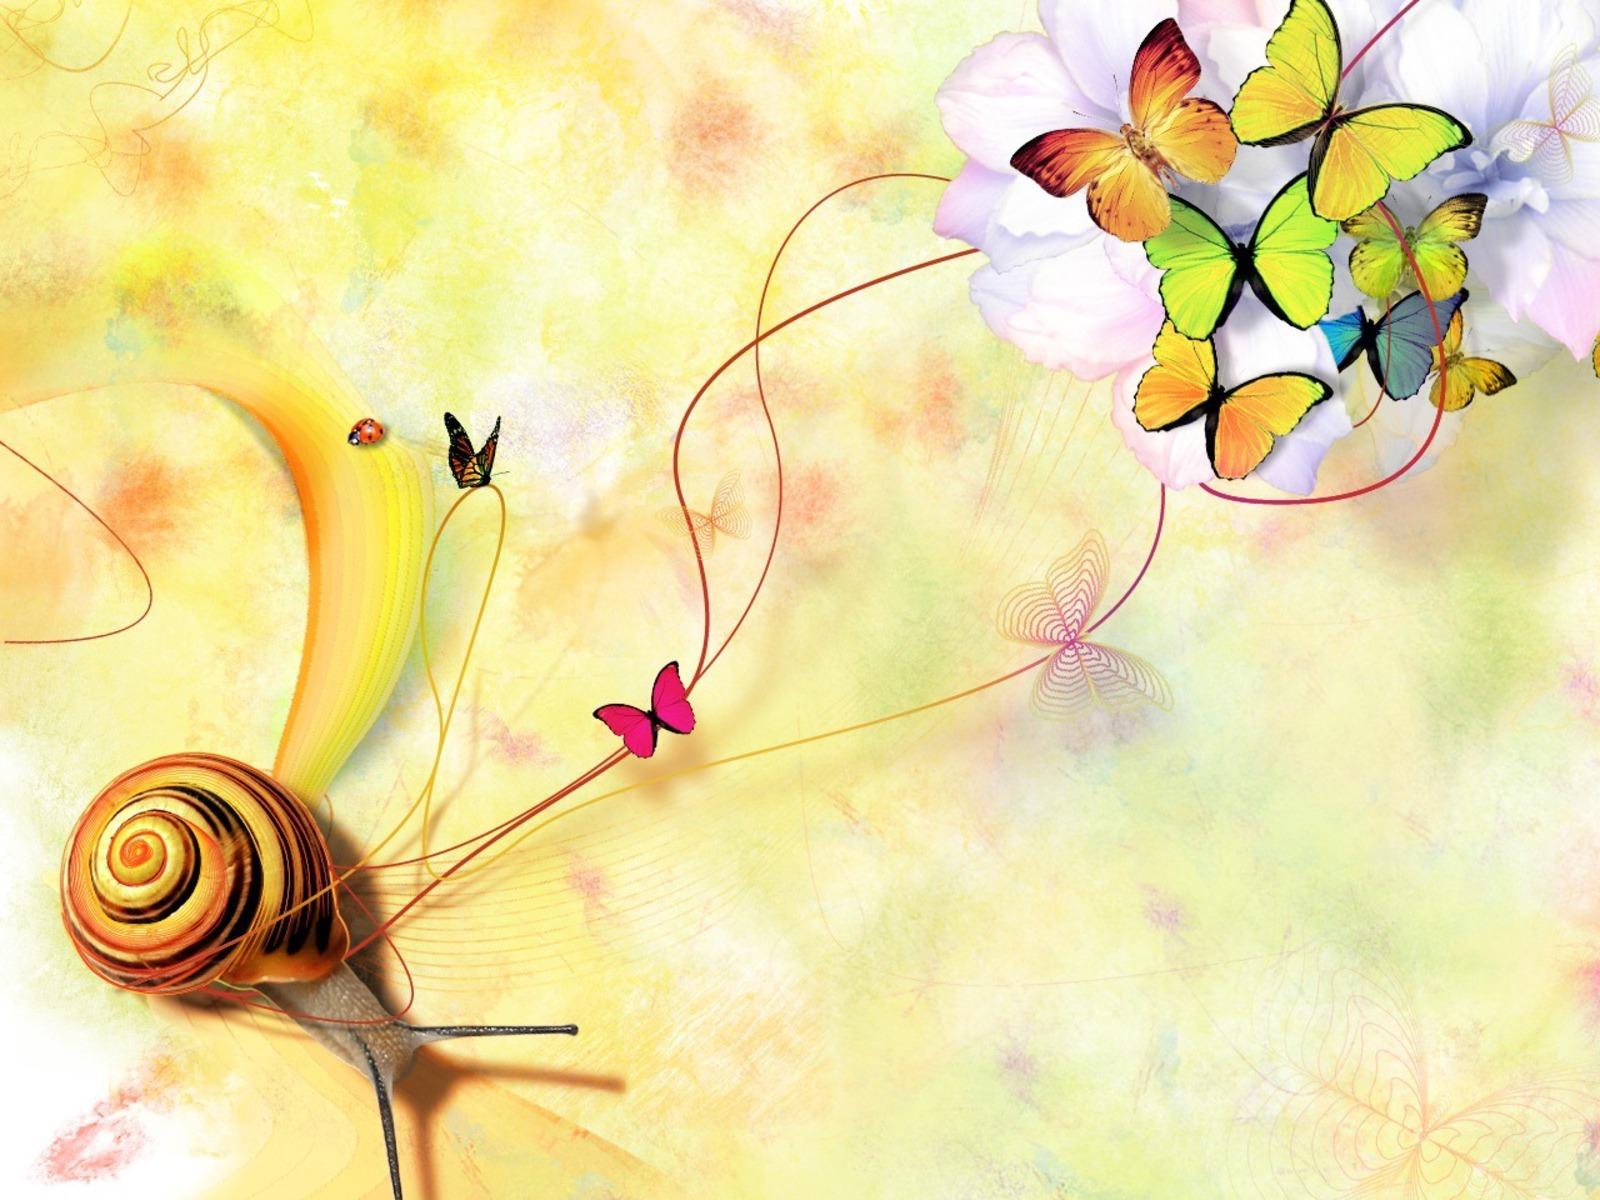 Butterflies images Beautiful Butterflies HD wallpaper and 1600x1200